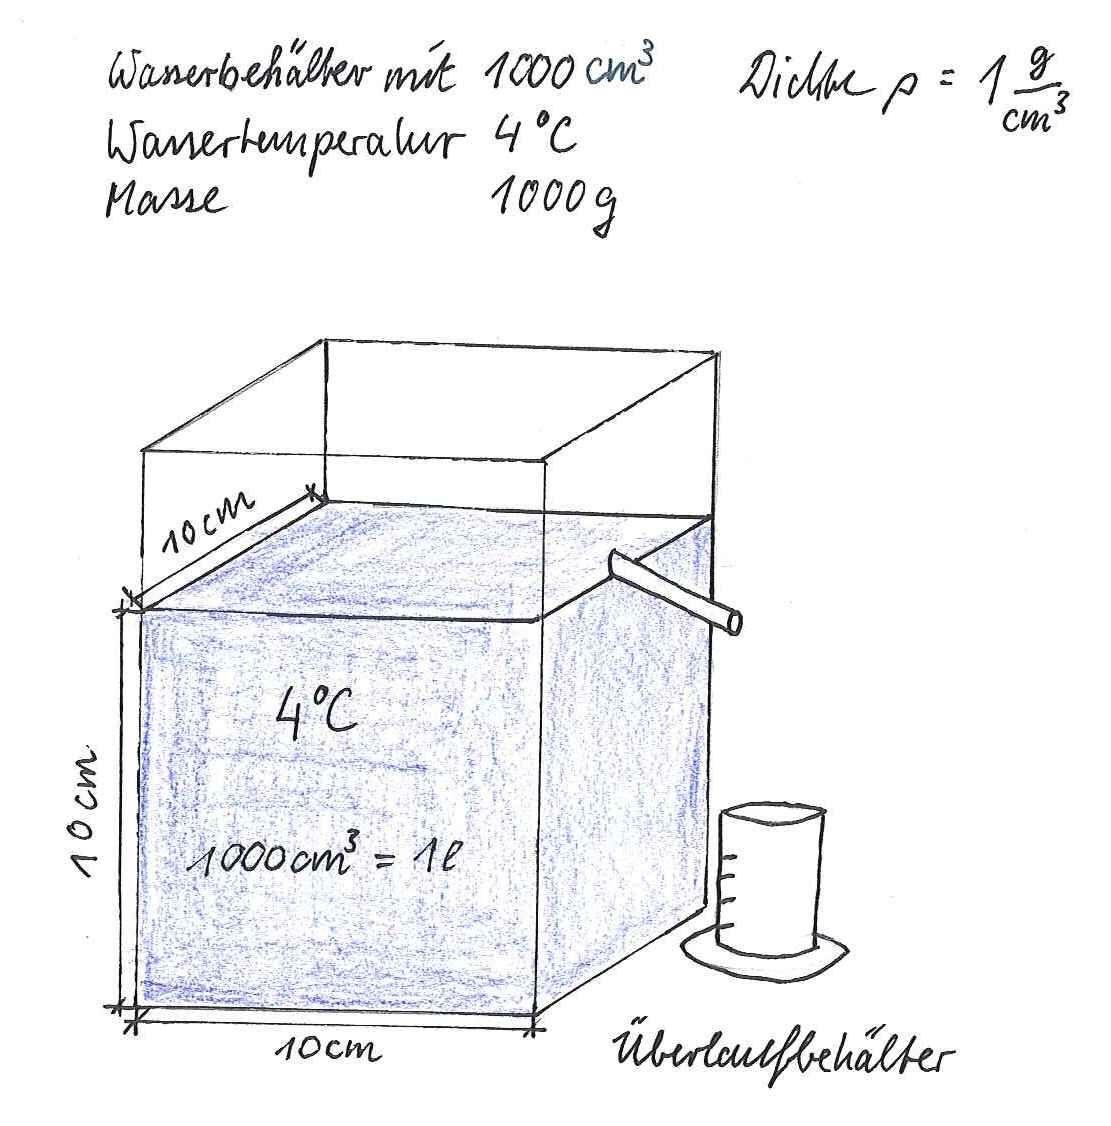 Die Dichte des Wassers beträgt bei 4 °C 1 g/cm³. Das heißt 1000 cm³ ...